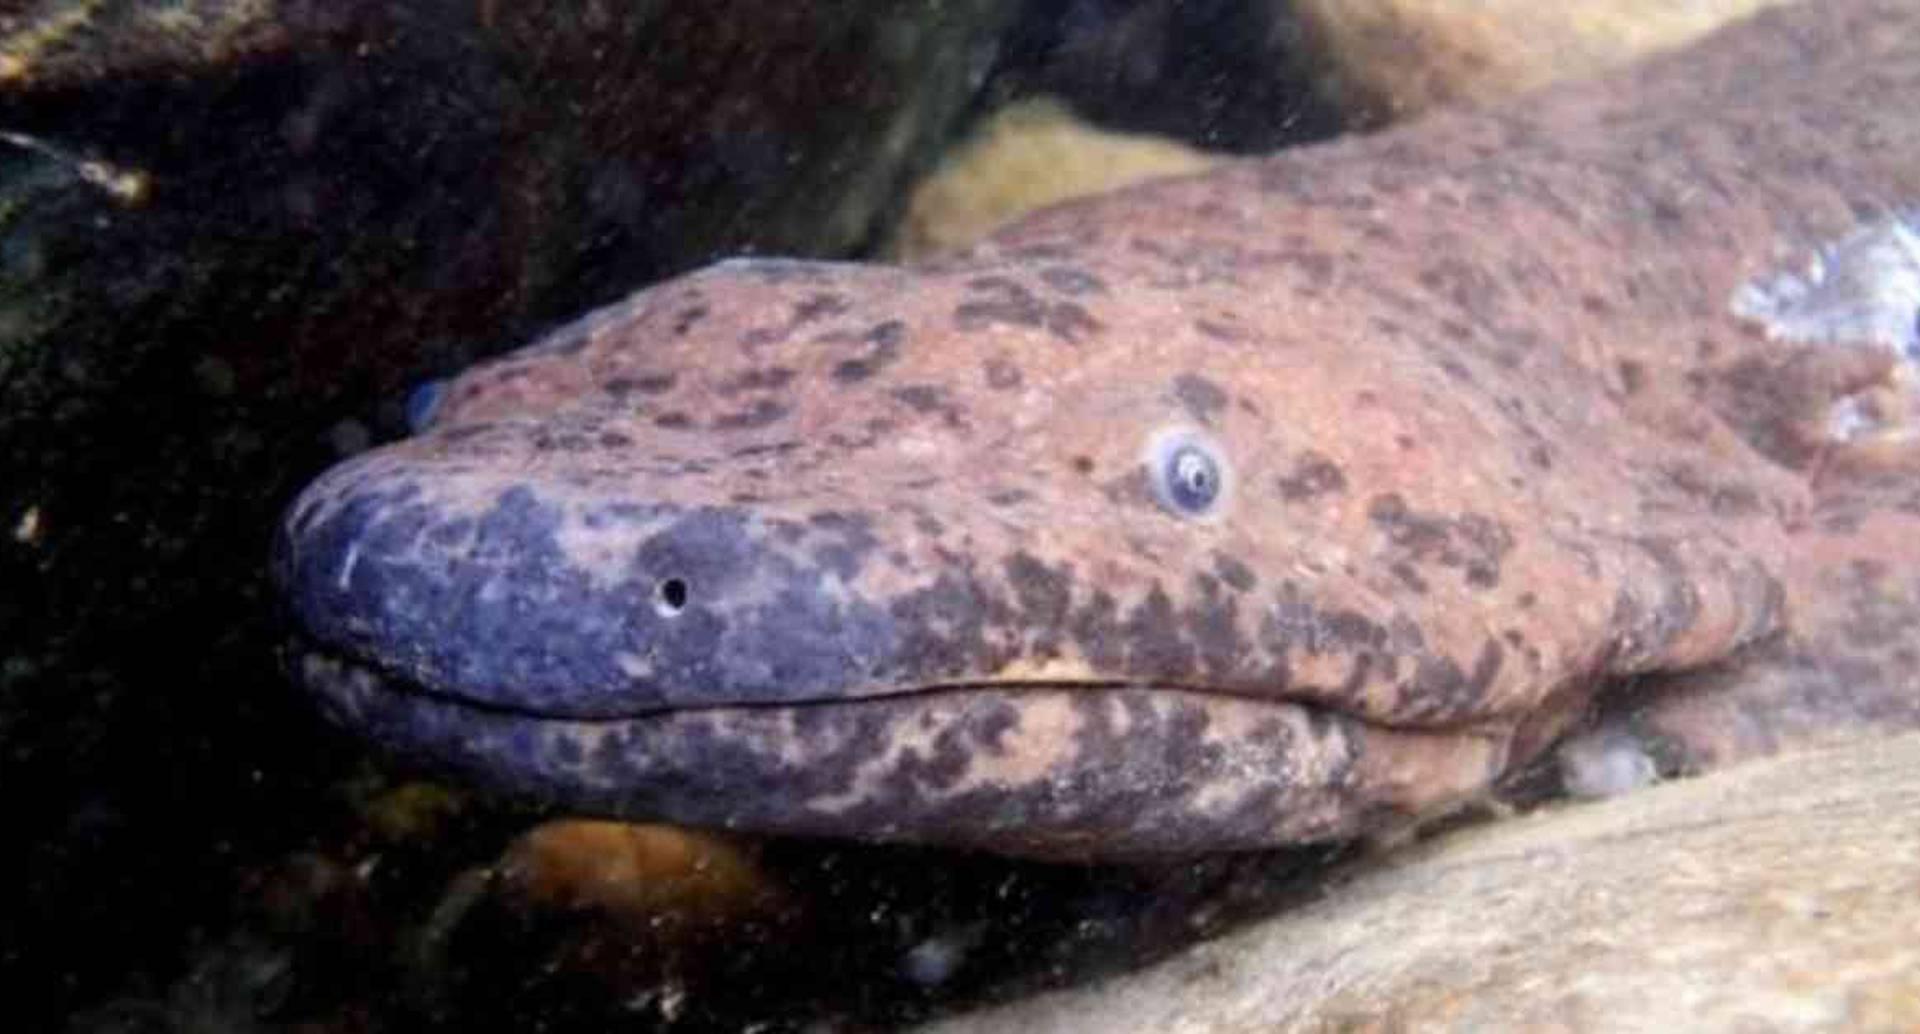 La nueva especie fue descubierta con base en análisis genéticos de un espécimen que había sido capturado hace más de siete décadas. Foto: BEN TAPLEY/ZSL vía BBC.